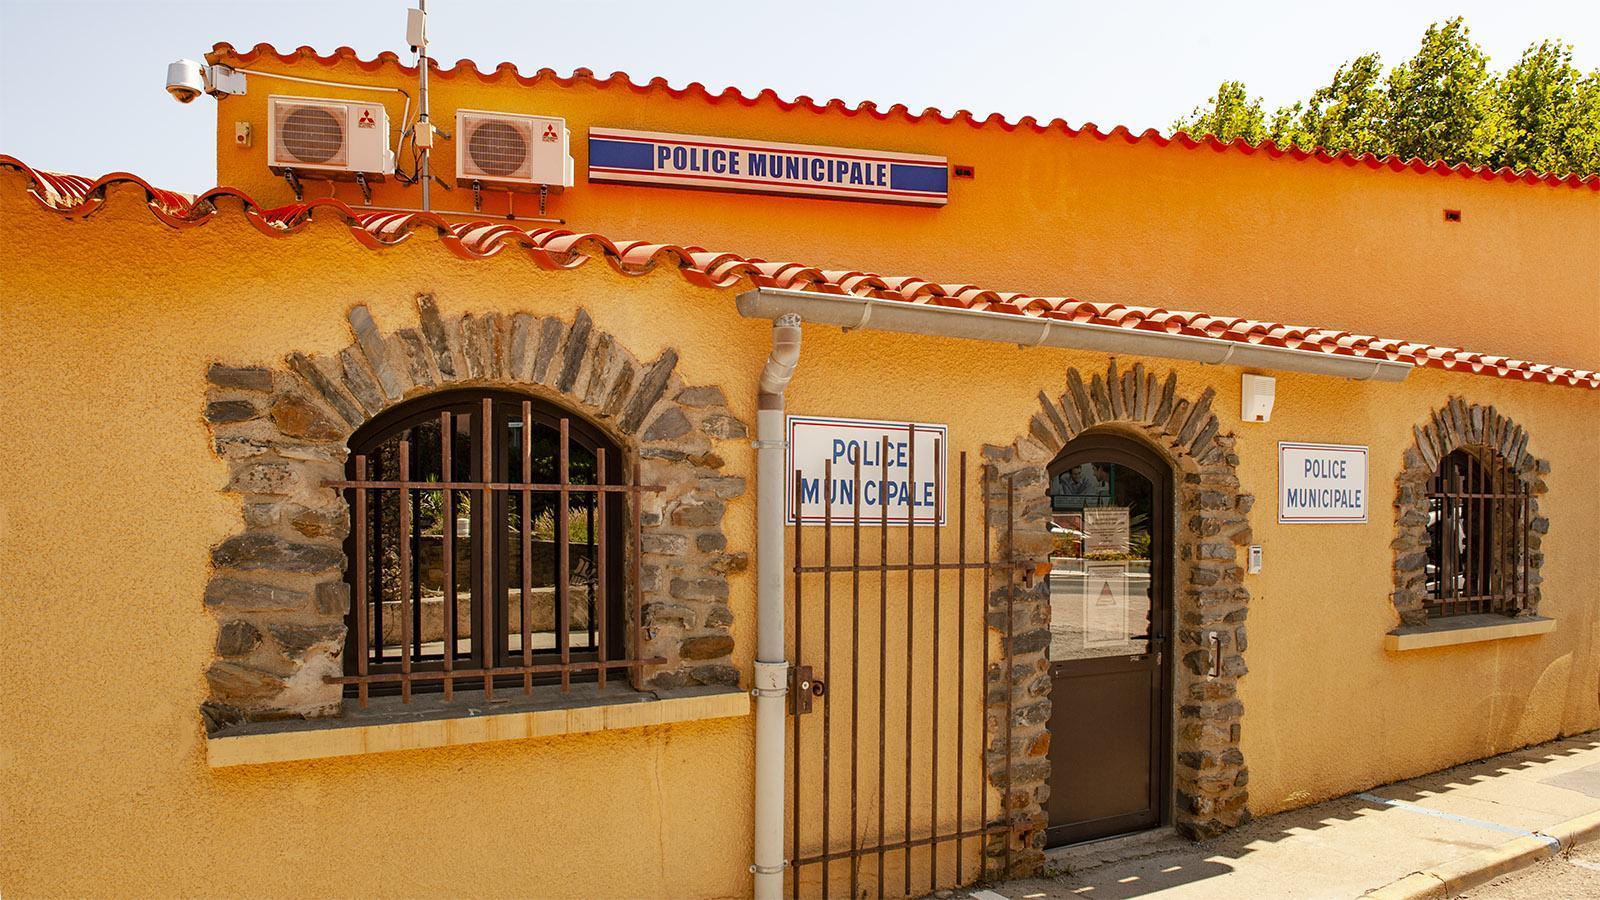 Die Polizeiwache von Banyuls. Foto: Hilke Maunder